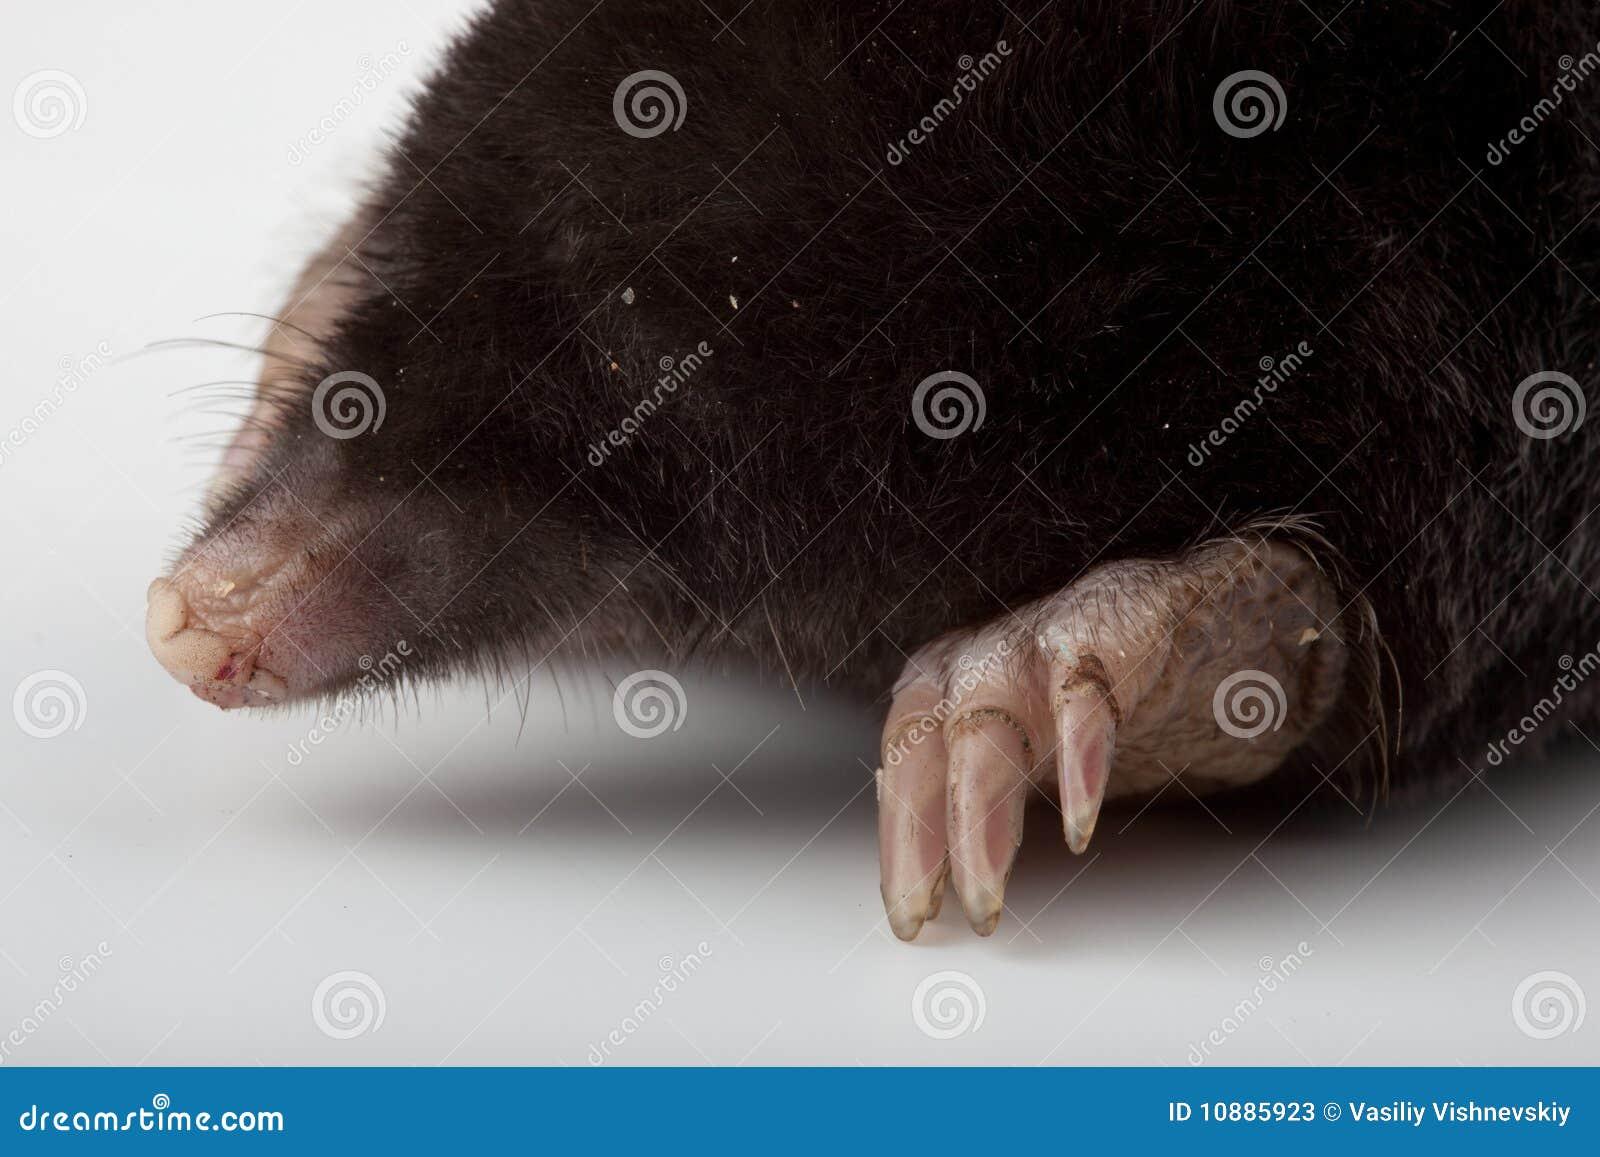 Europäische Mole (Talpa europaea)